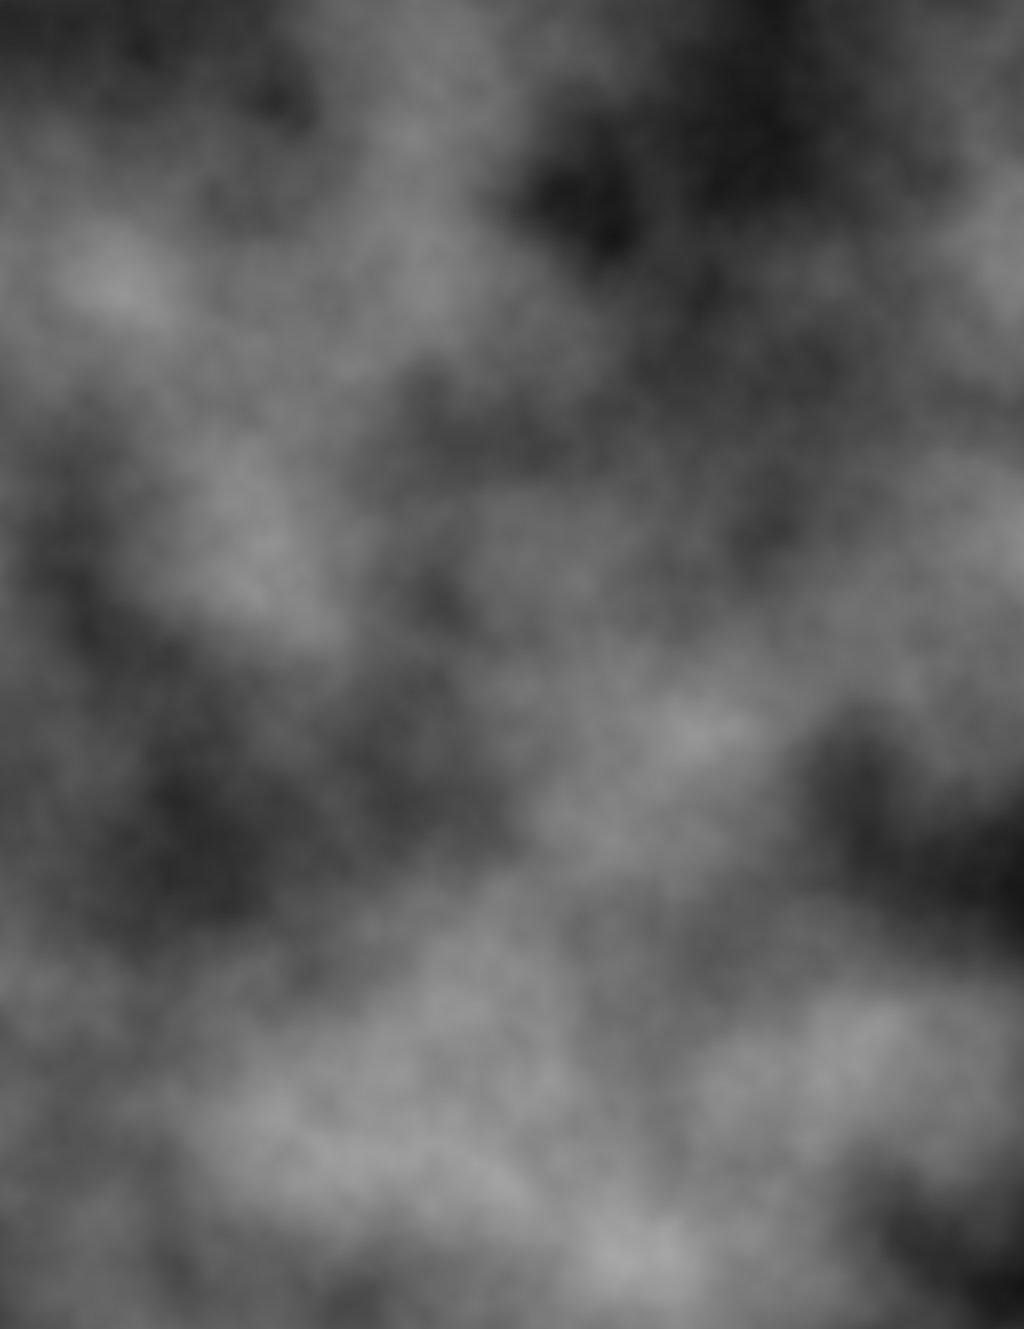 Misty rain clips de pouce